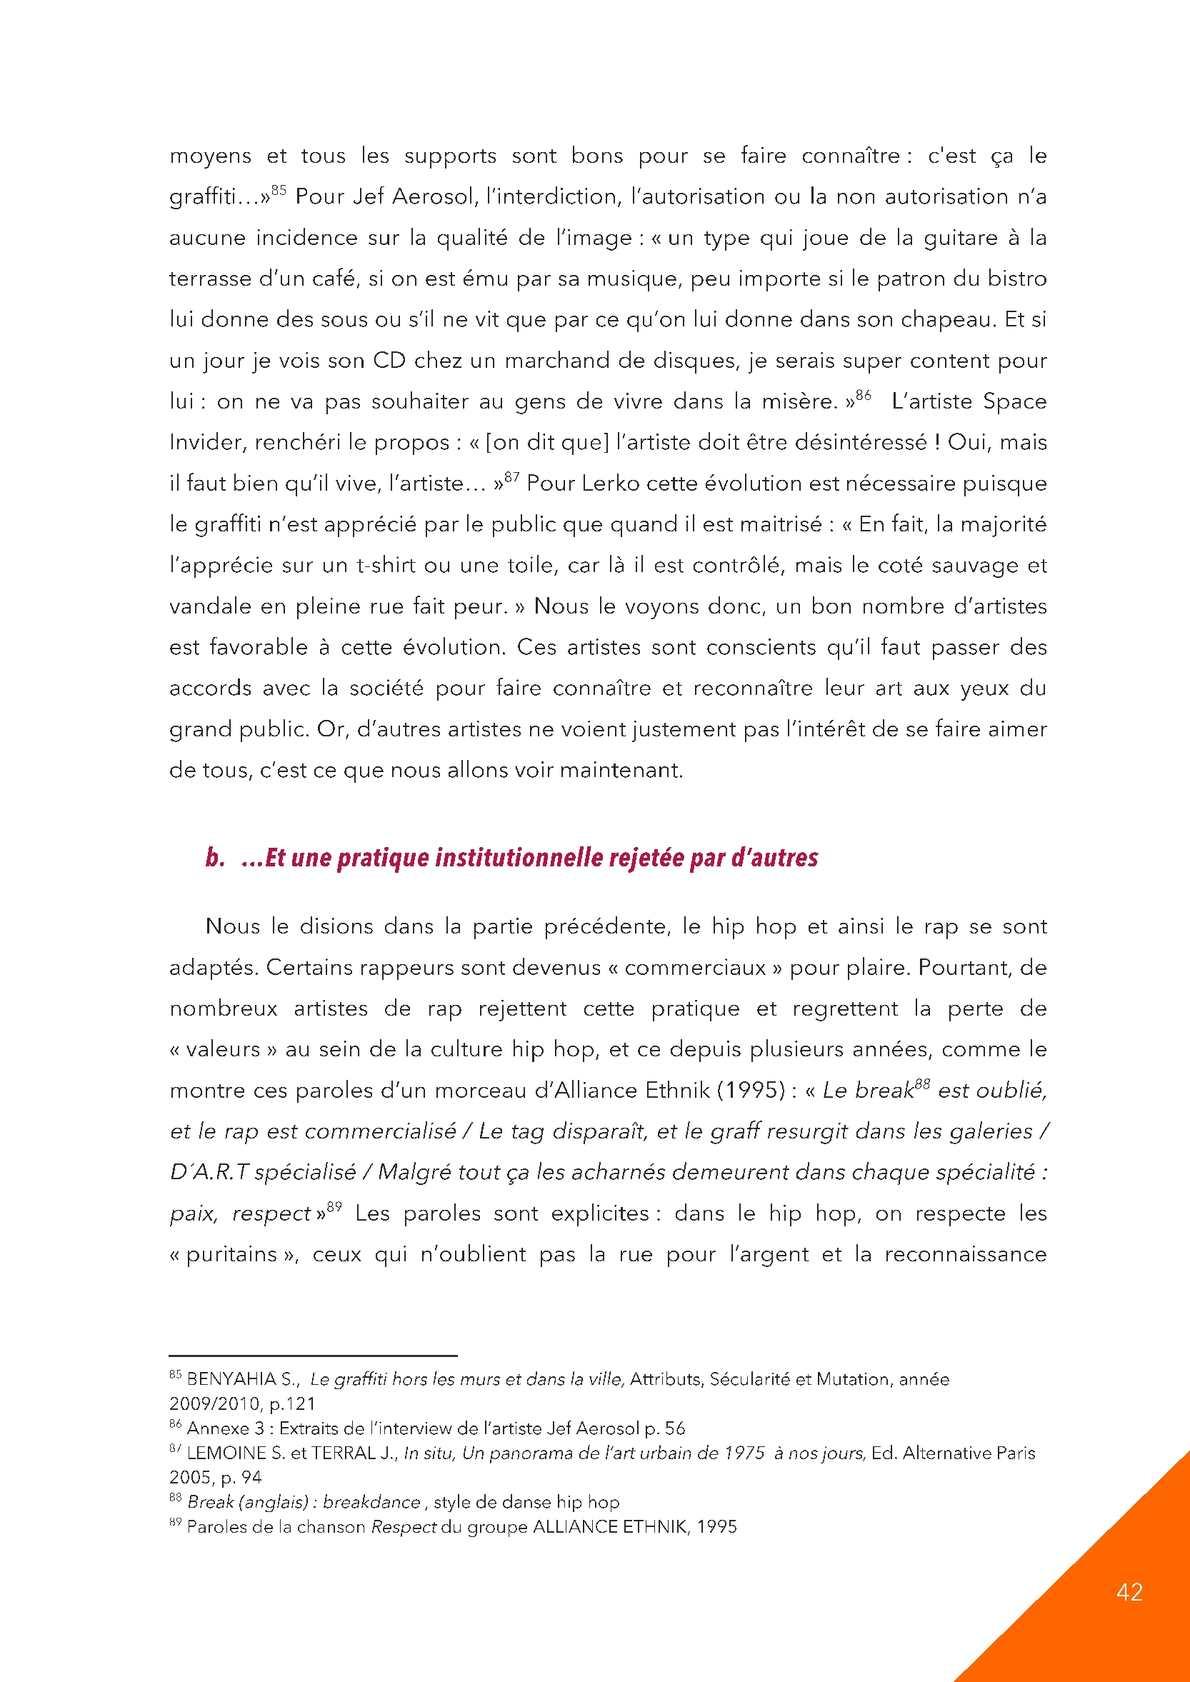 GRATUIT ETHNIK TÉLÉCHARGER ALLIANCE RESPECT